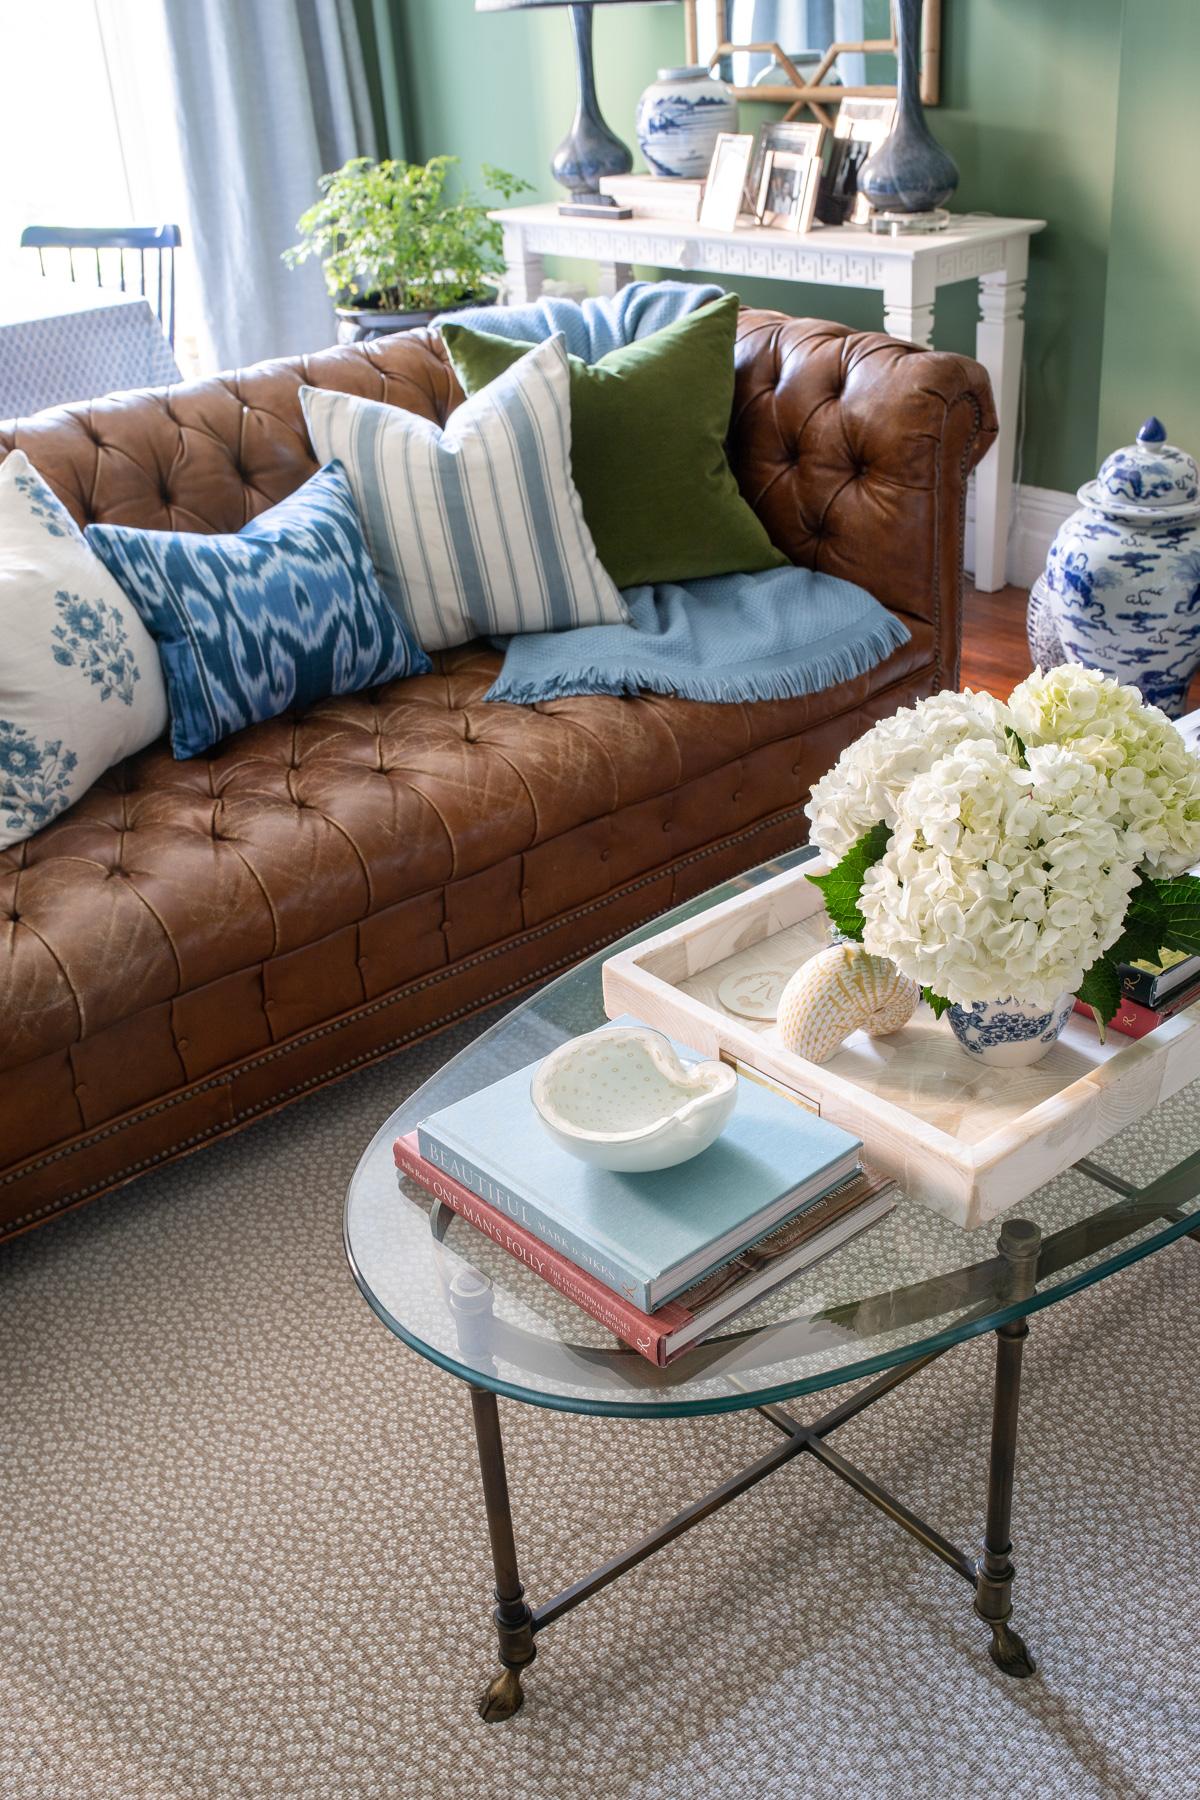 Stacie Flinner x NY Apartment Tour Living Room-5.jpg